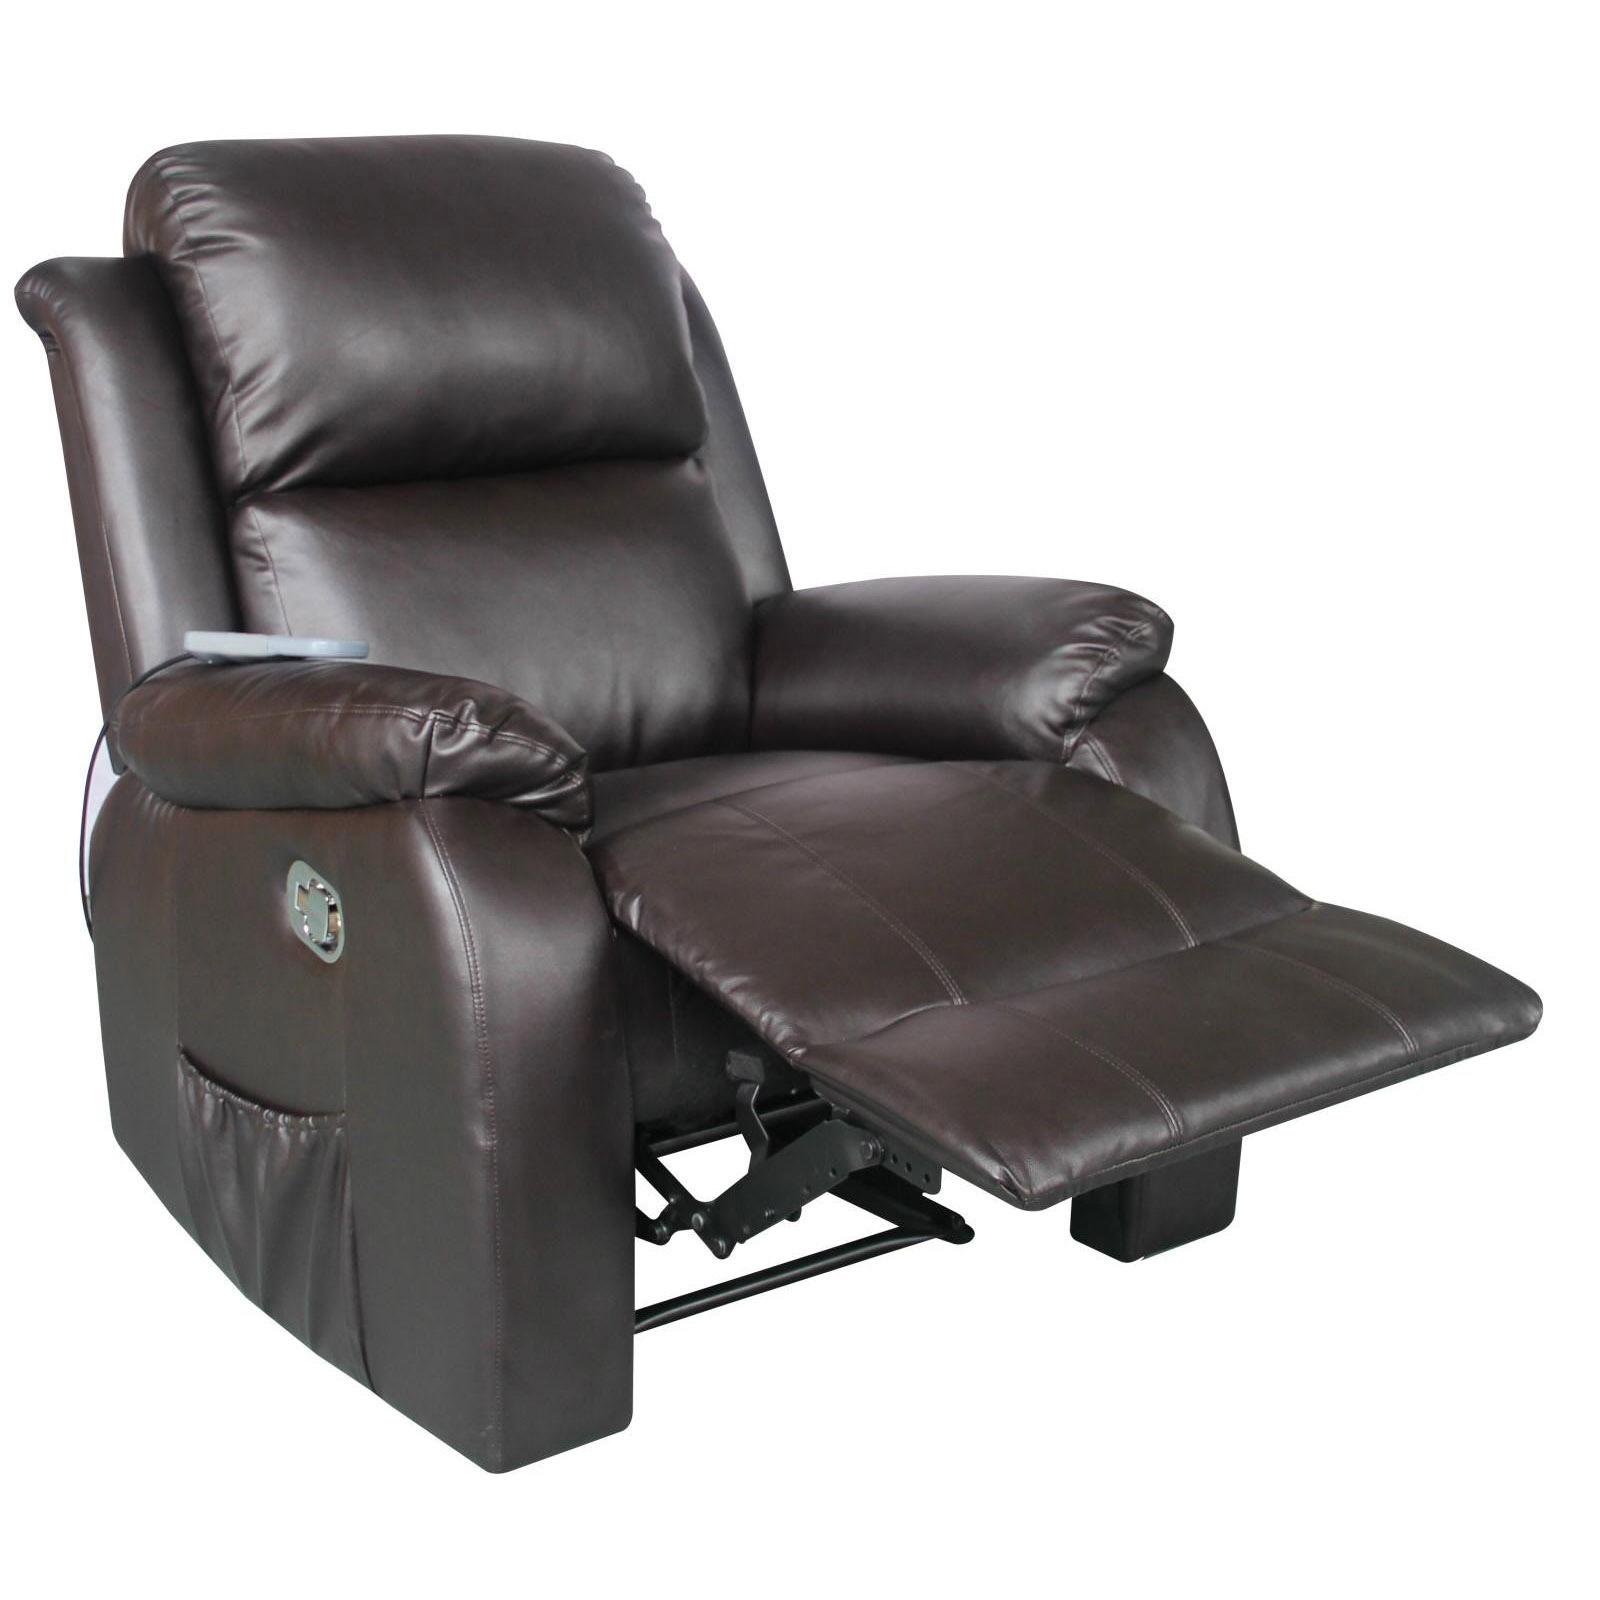 fernsehsessel mit heizung massage kunstleder relaxsessel tv sessel braun ebay. Black Bedroom Furniture Sets. Home Design Ideas